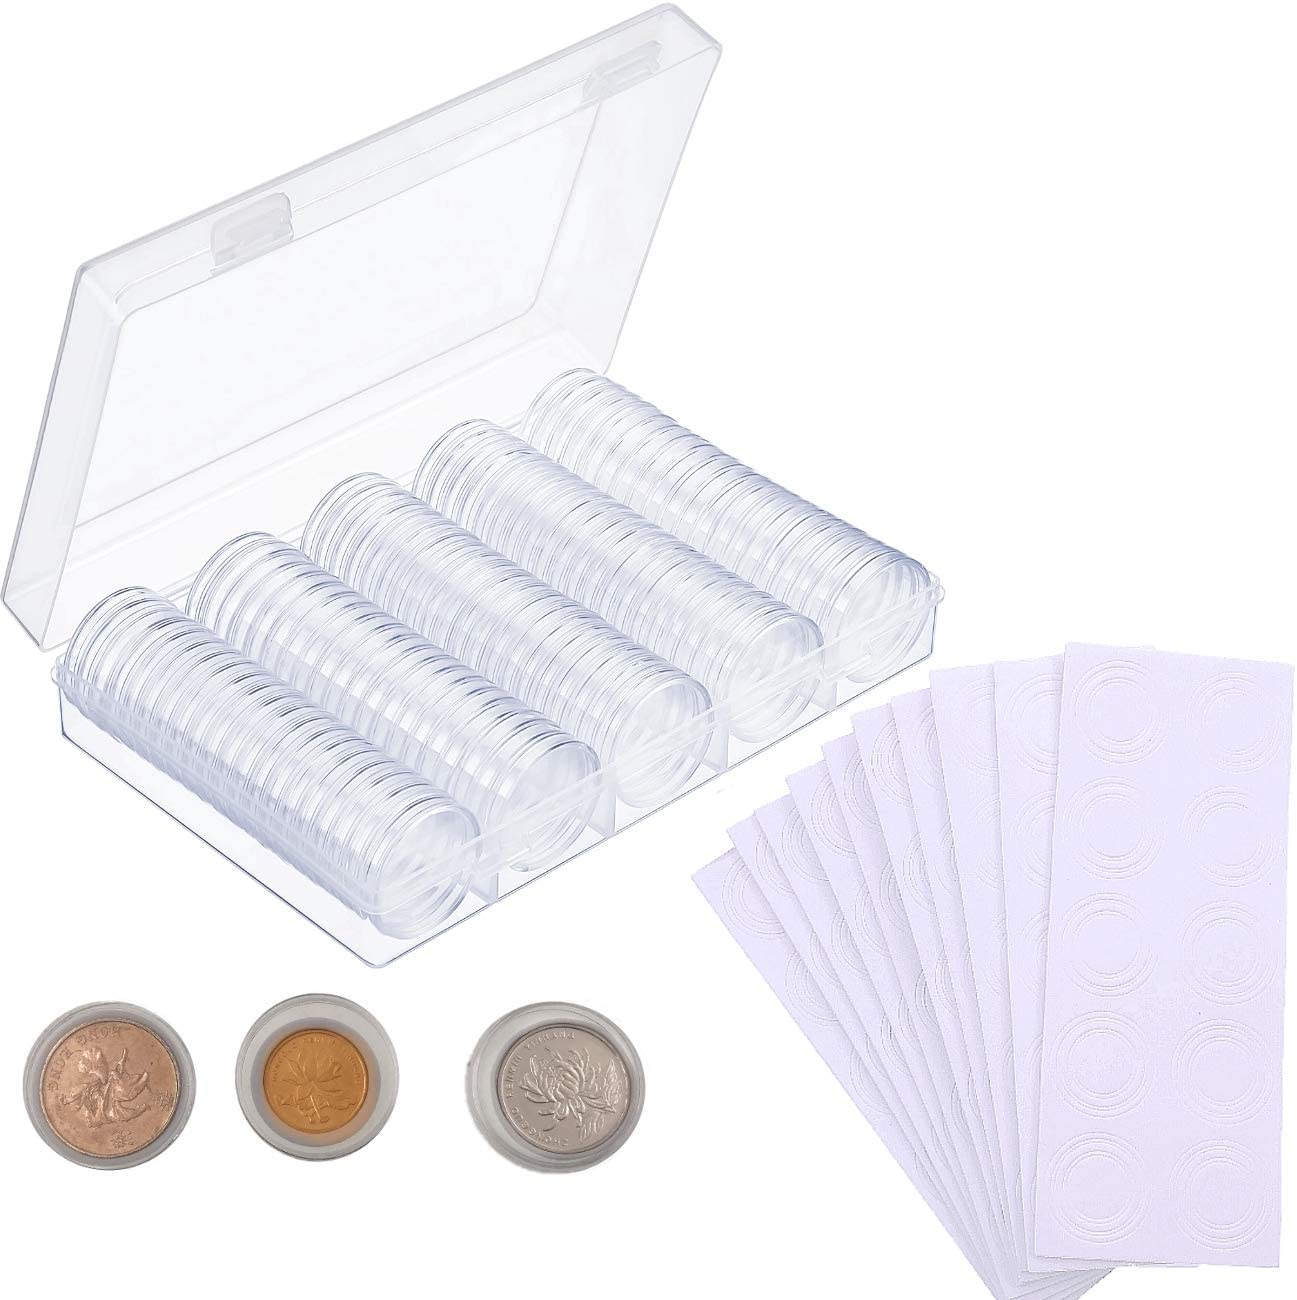 JZK 100 x Cápsulas de Monedas de plástico 30mm con Caja organizadora de Almacenamiento y 100 Juntas de Espuma Protectora (17/20/25/27/30mm) para Suministros de Recogida de Monedas